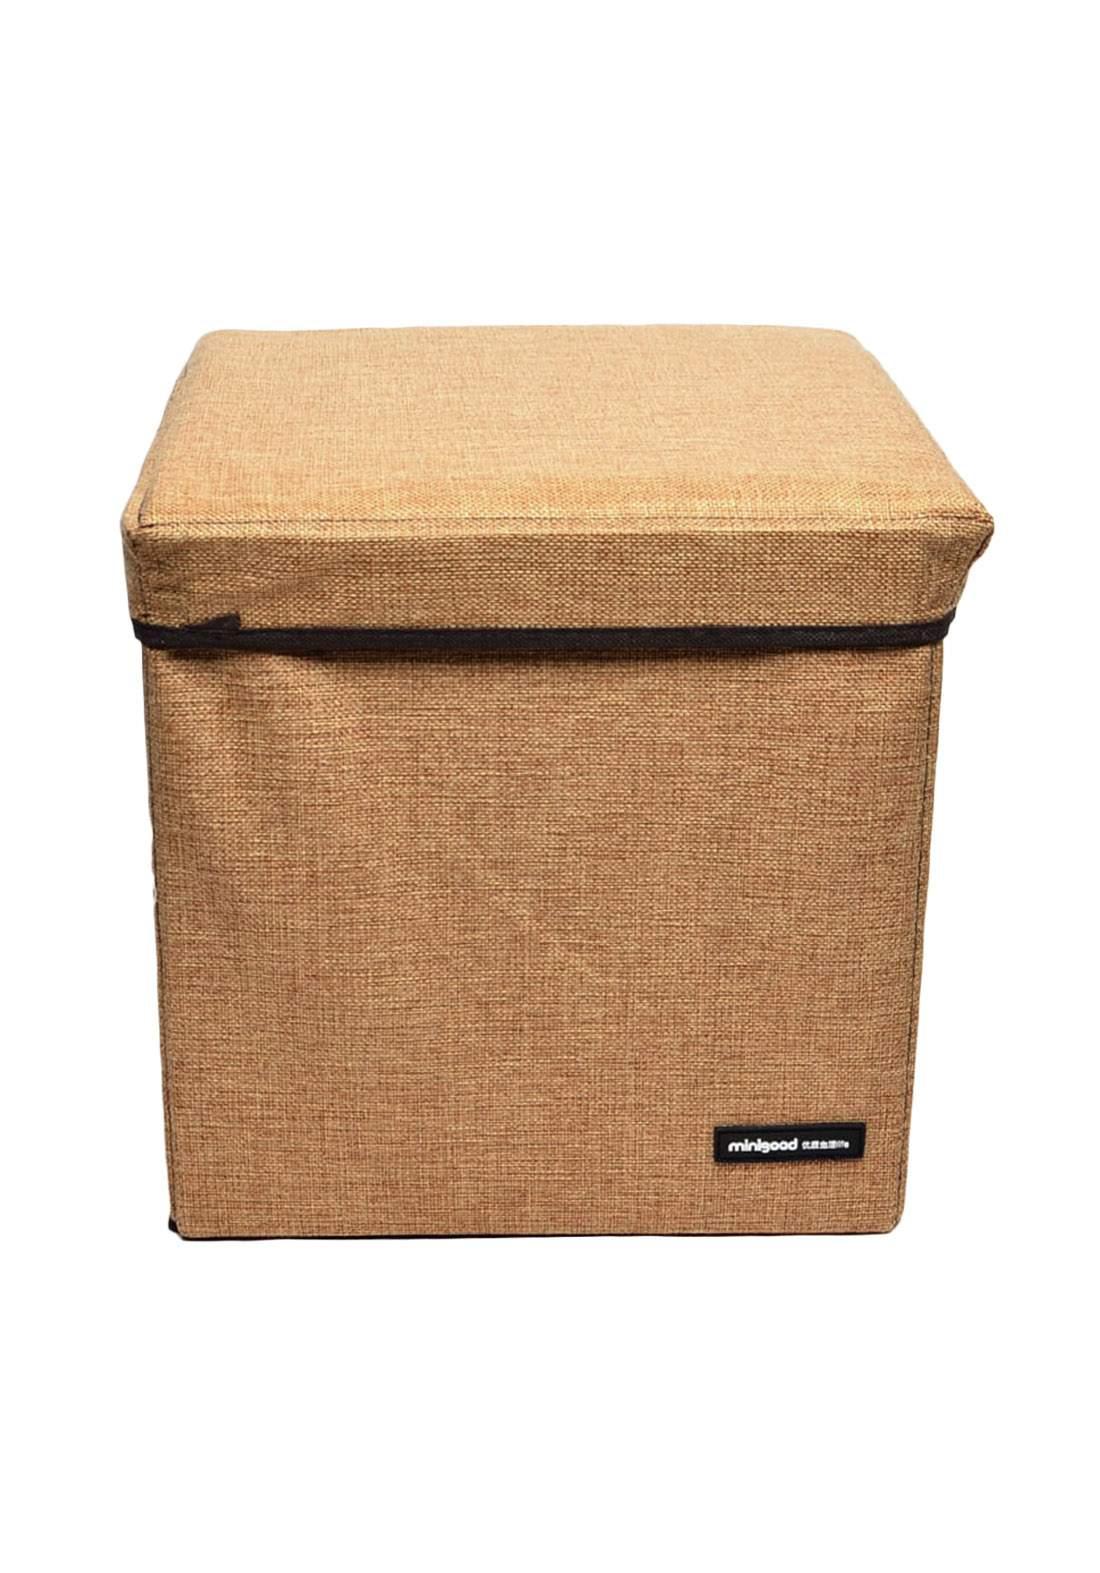 صندوق تخزين قابل للطي مع غطاء